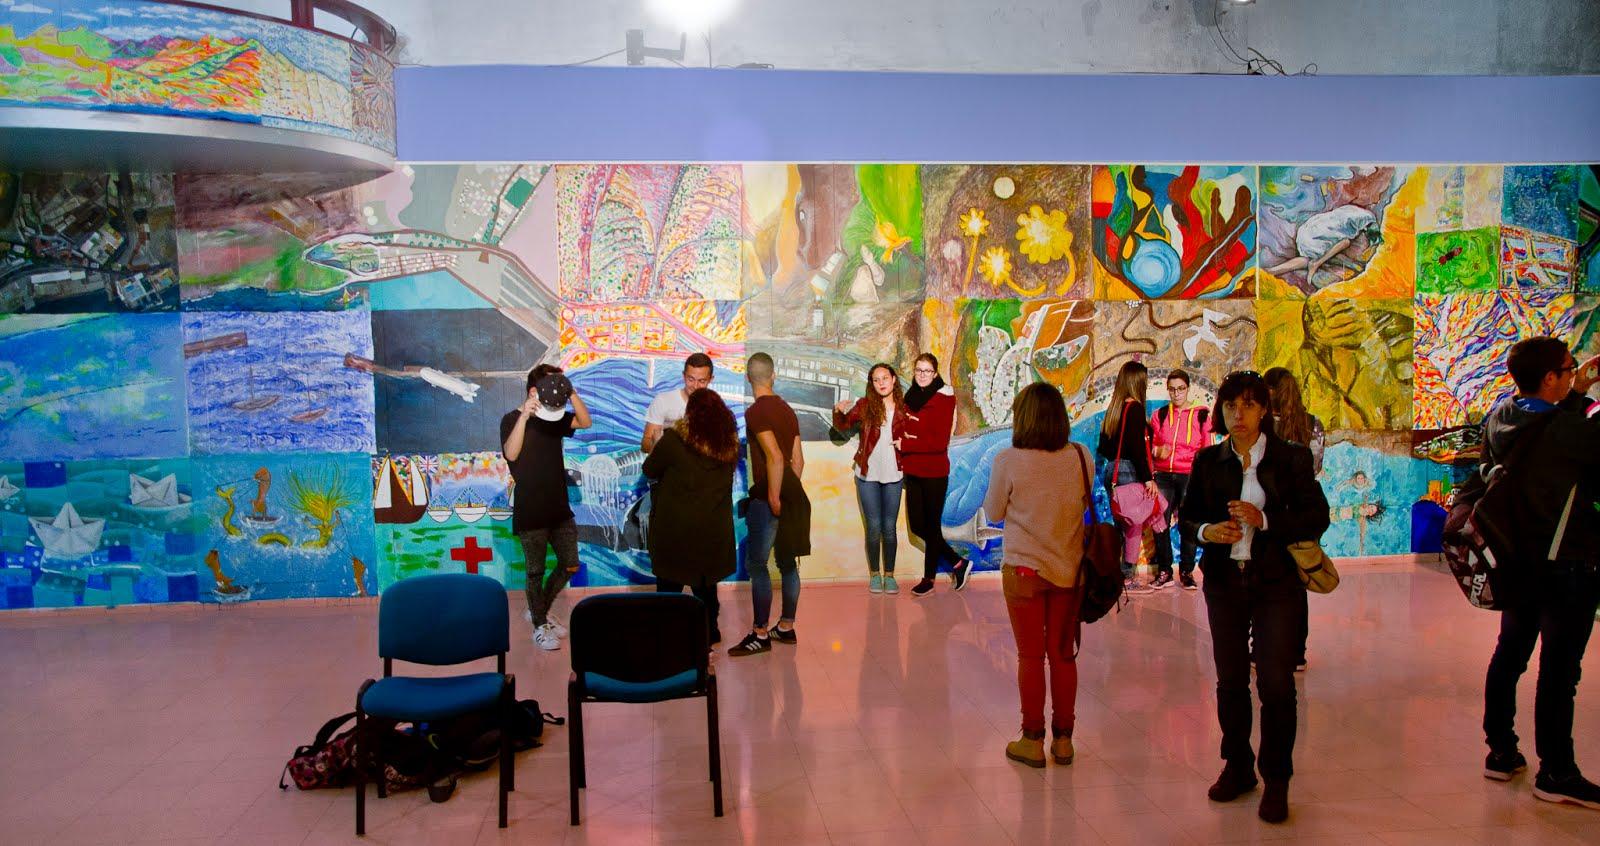 Las 7 mejores fotos del nuevo mural del c rculo de bellas for Arte colectivo mural